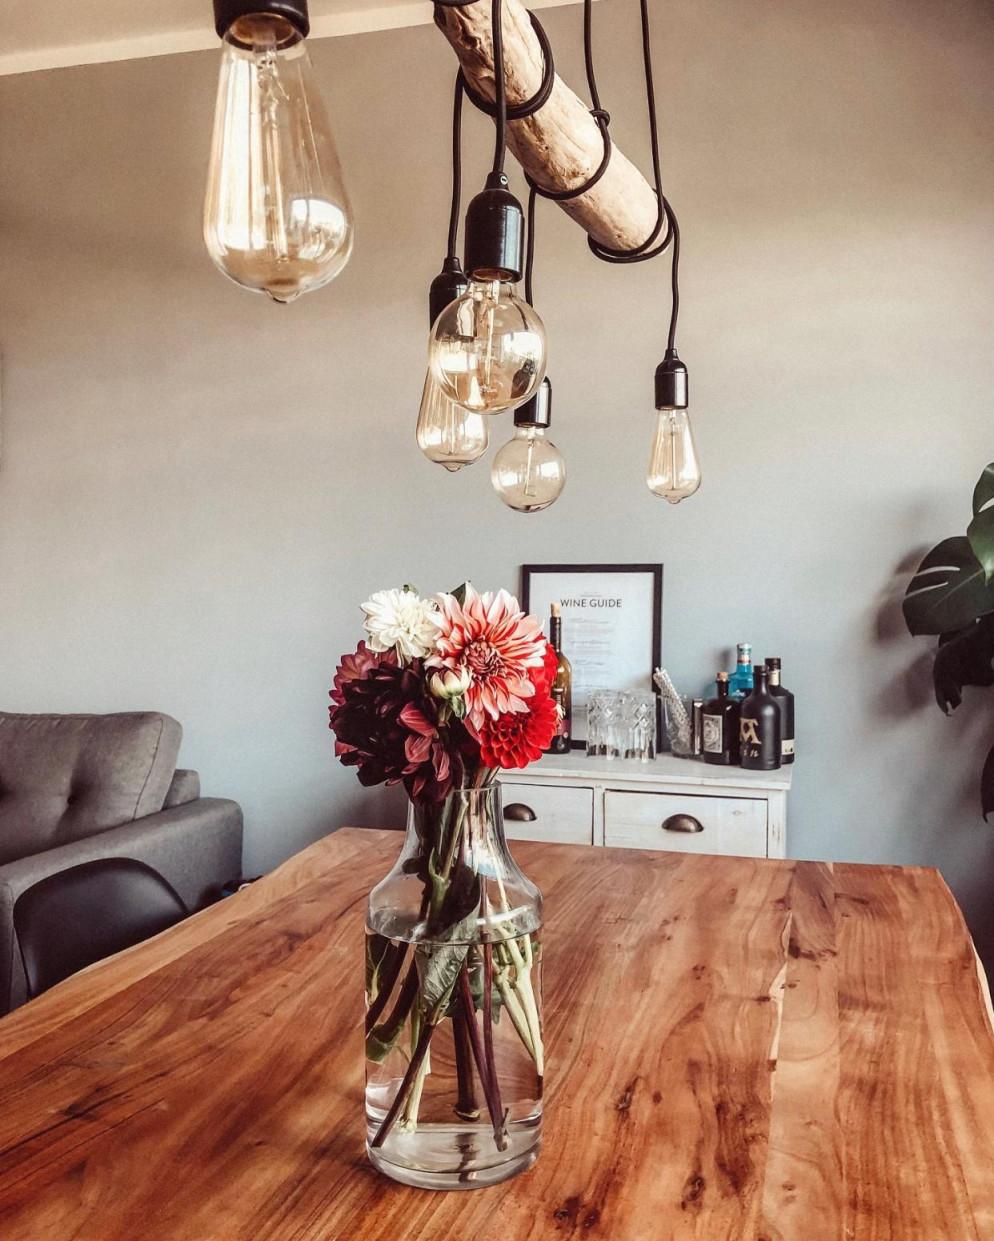 Wohnzimmer Esstisch Lampen – Caseconrad von Diy Wohnzimmer Lampe Bild